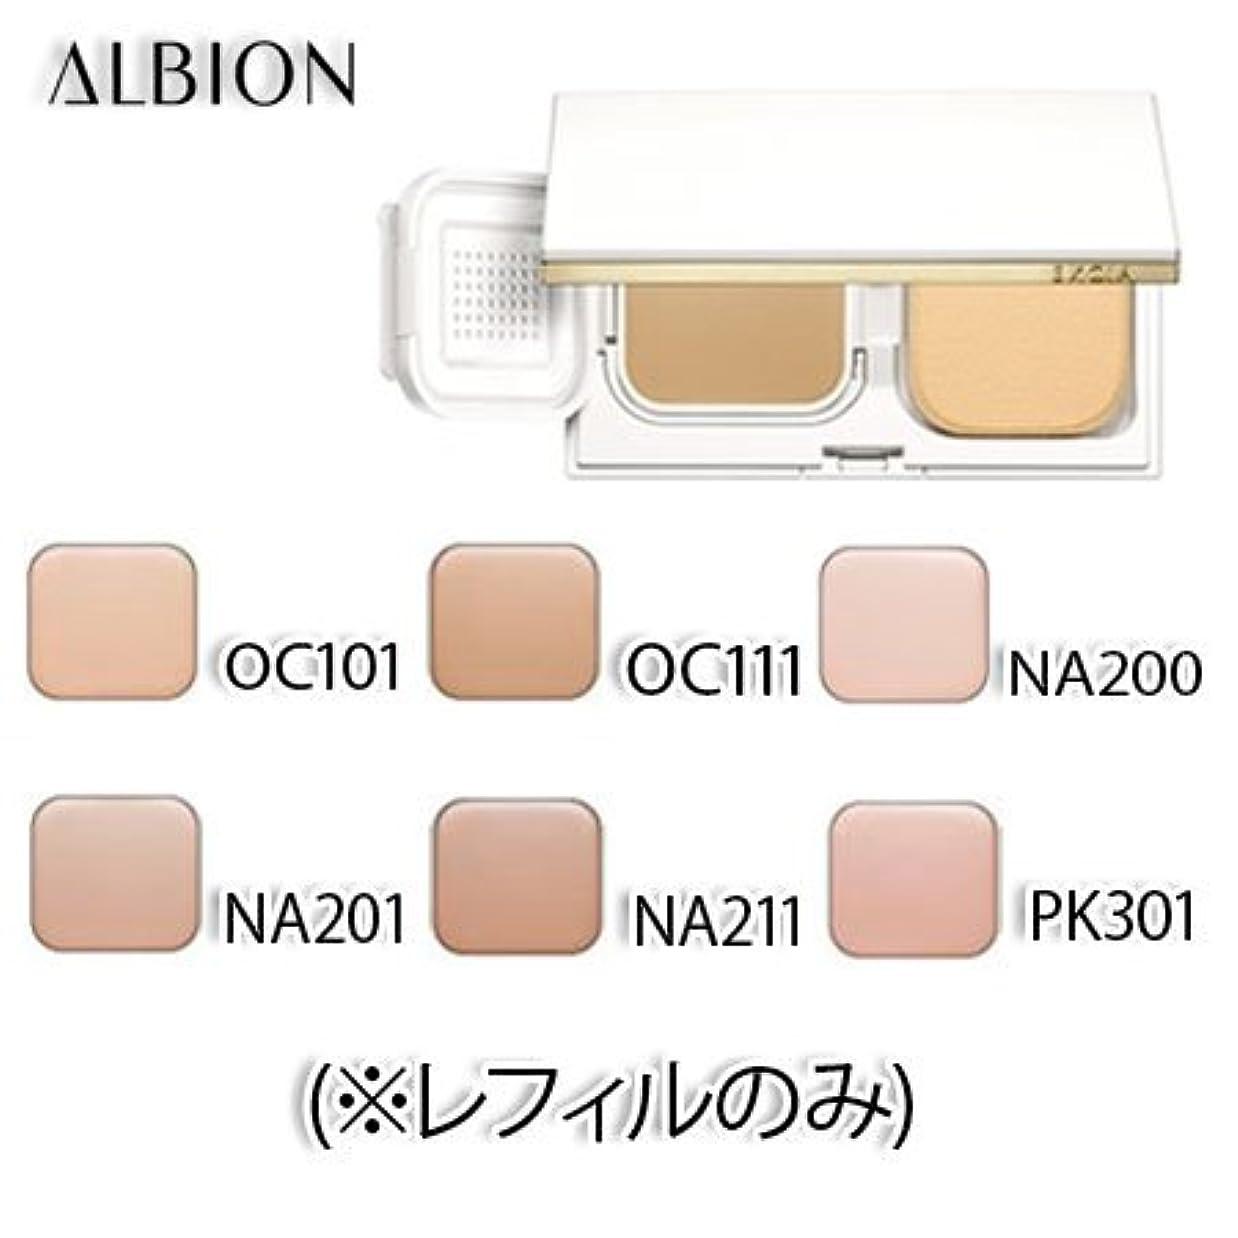 王室素敵なオピエートアルビオン エクシア AL リフティング エマルジョン ホワイト 6色 SPF47 PA++++ (レフィルのみ) -ALBION- NA200